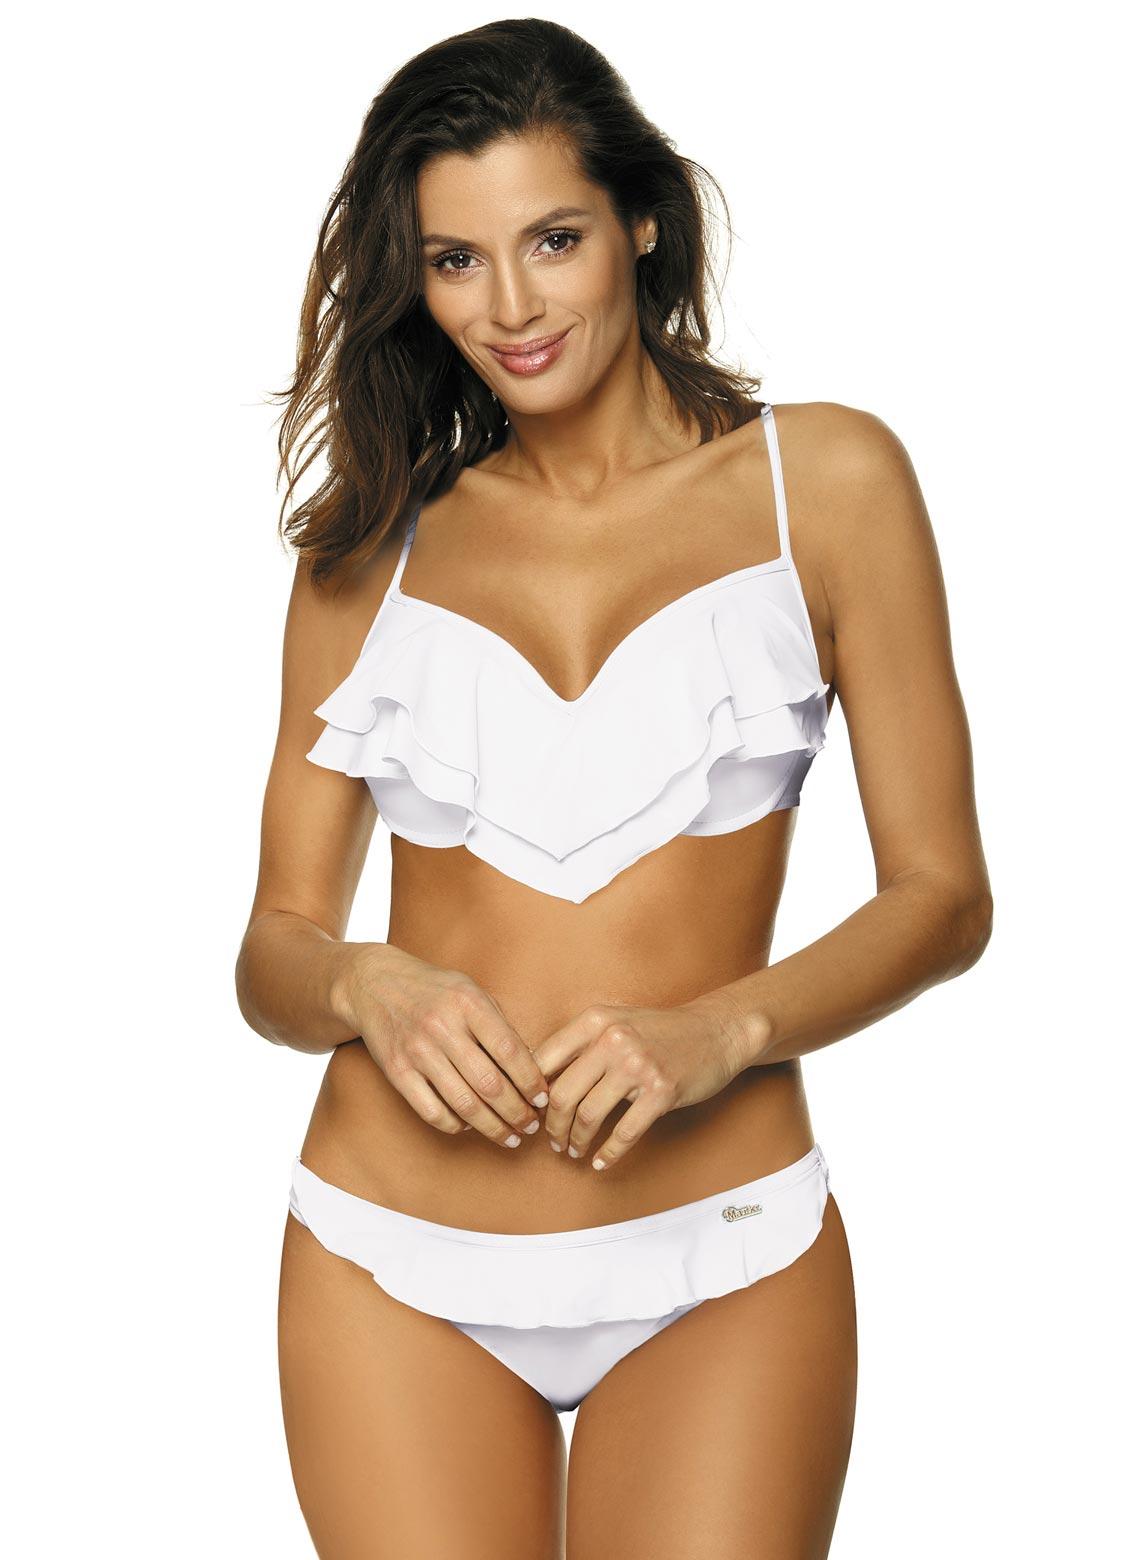 a70a9308932a85 Kostium kąpielowy Matylda Bianco M-469 (2) biały - Sklep internetowy ...